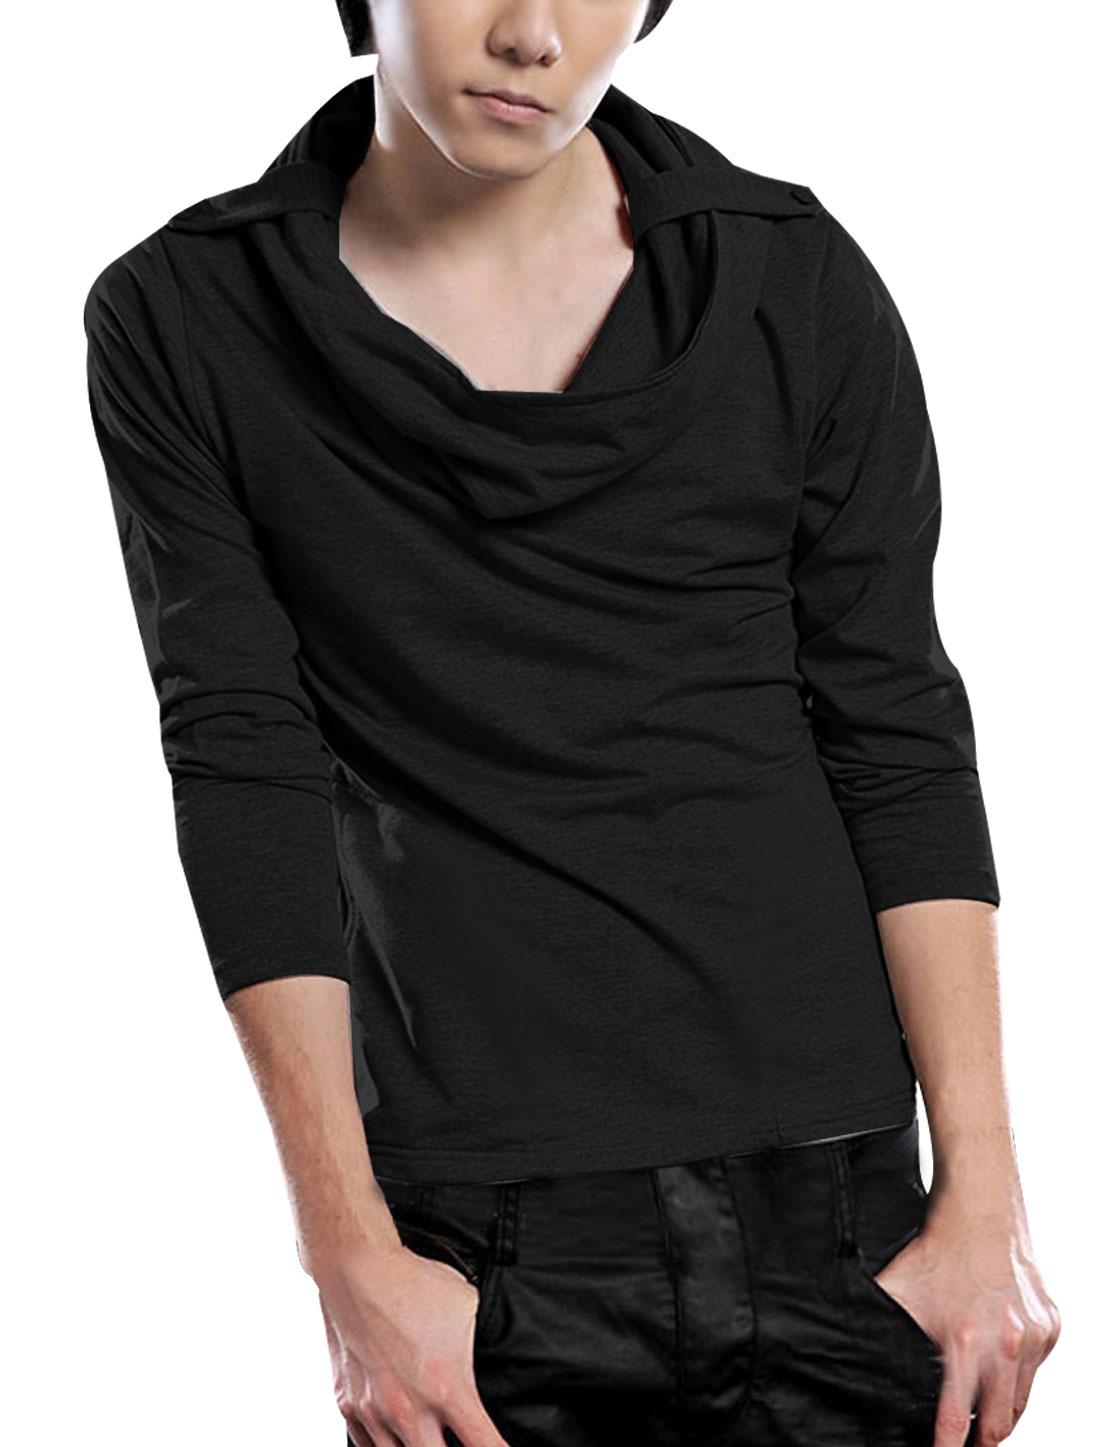 Men Black Cowl Neck Long Sleeve Casual Korean Hoodie Tee Shirt S